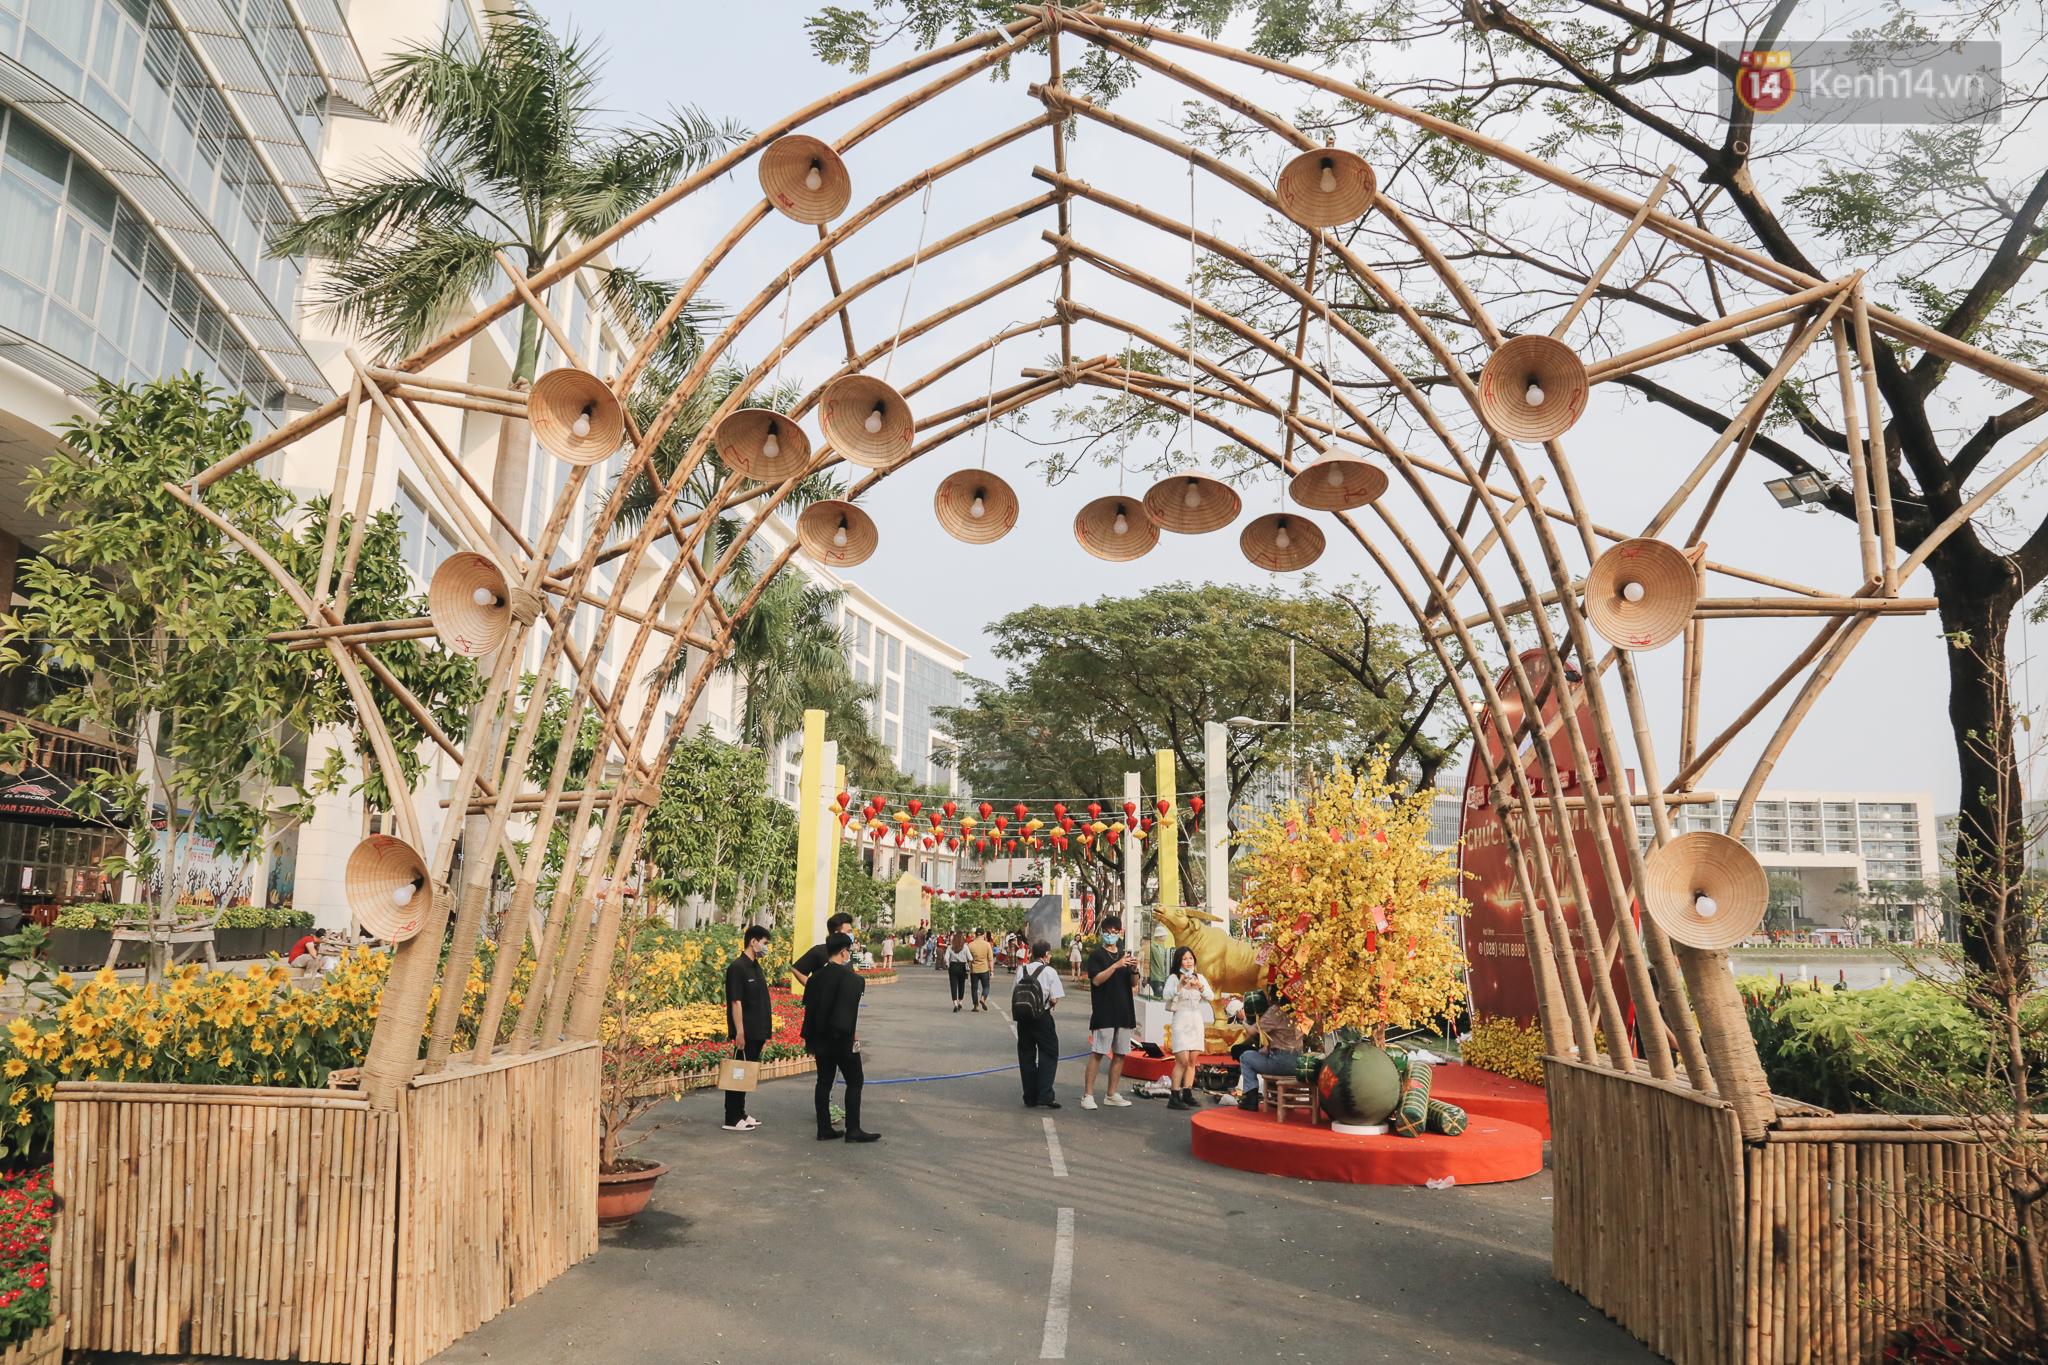 Cận cảnh đường hoa Tết Tân Sửu 2021 phong cách tối giản tại phố nhà giàu Sài Gòn - Ảnh 1.